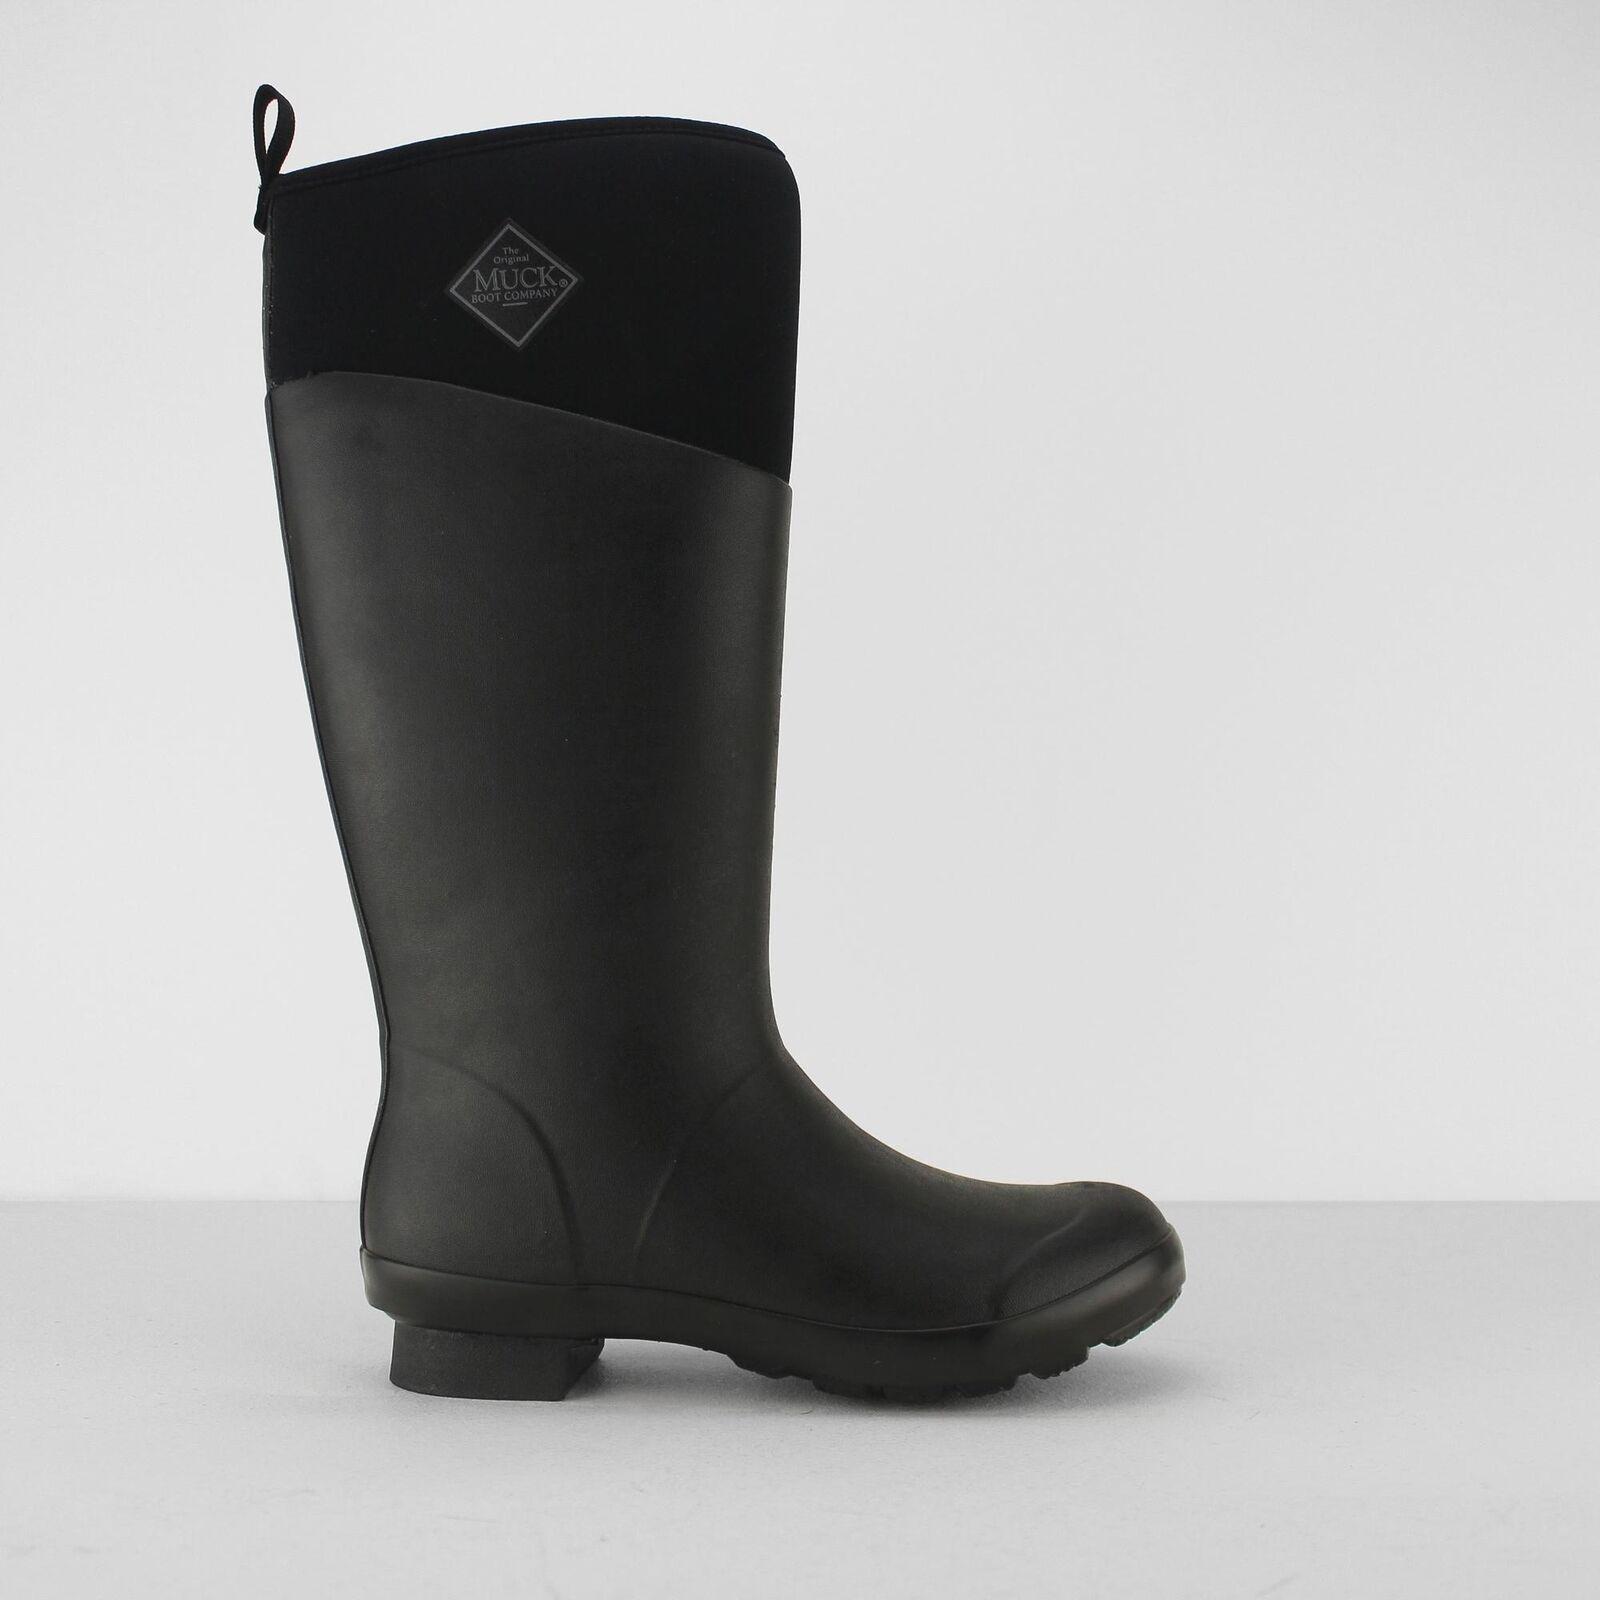 Muck botas botas botas Tremont Señoras Para Mujer Abrigado Forrado botas Altas Wellington Negro Mate  Ahorre 35% - 70% de descuento